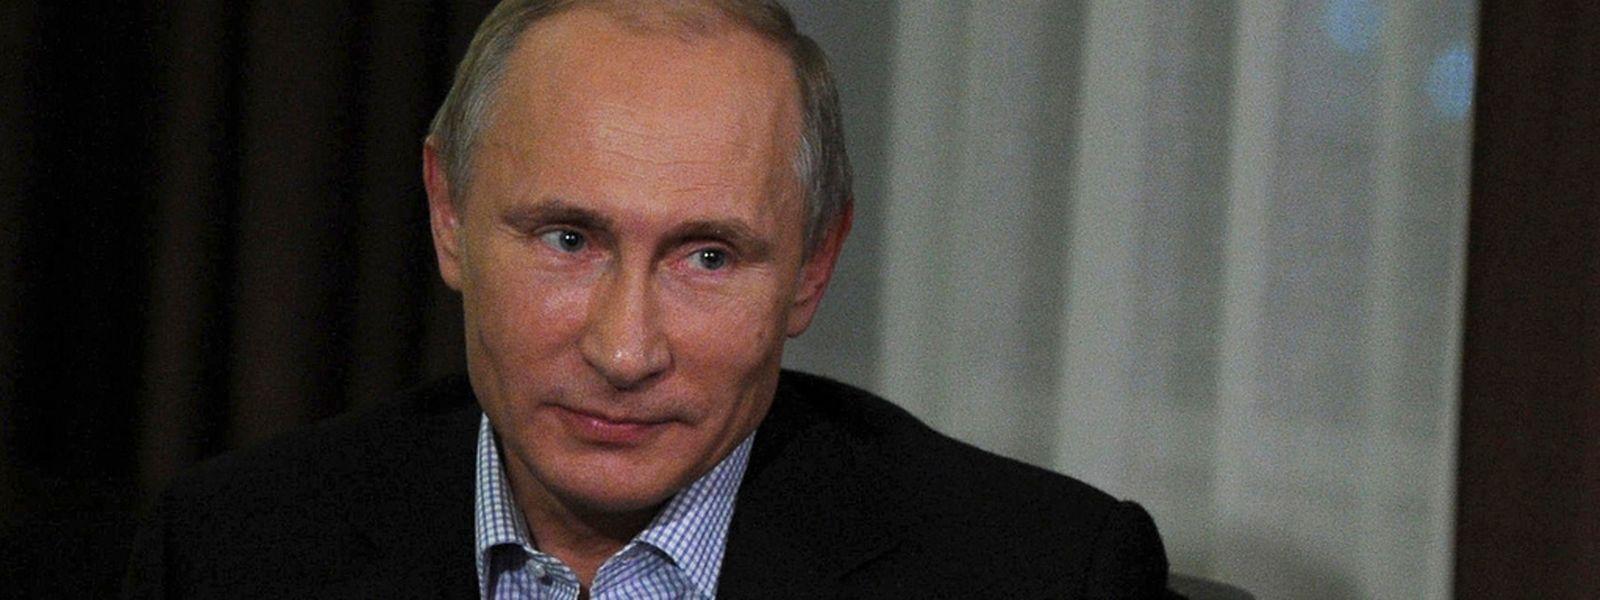 Einschüchtern lässt sich Putin nicht.